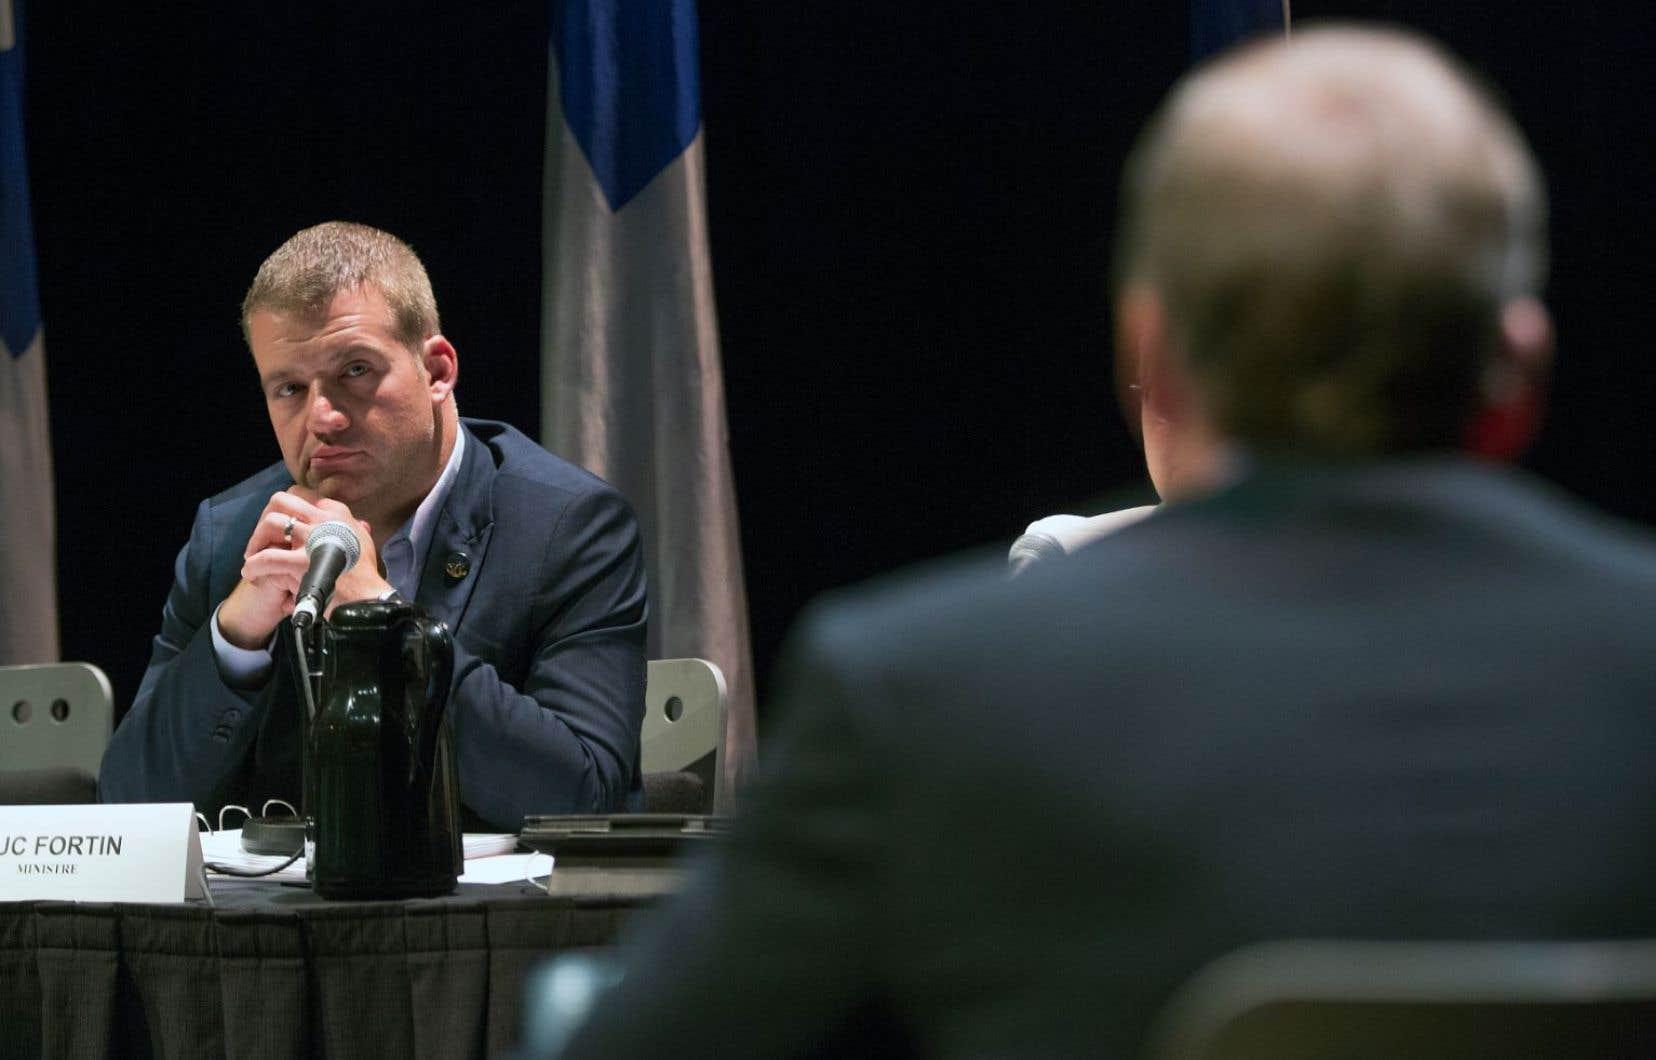 Le ministre Luc Fortin a demandé à Brian Myles comment il envisageait de préserver l'impartialité des médias si ceux-ci recevaient du financement de l'État.